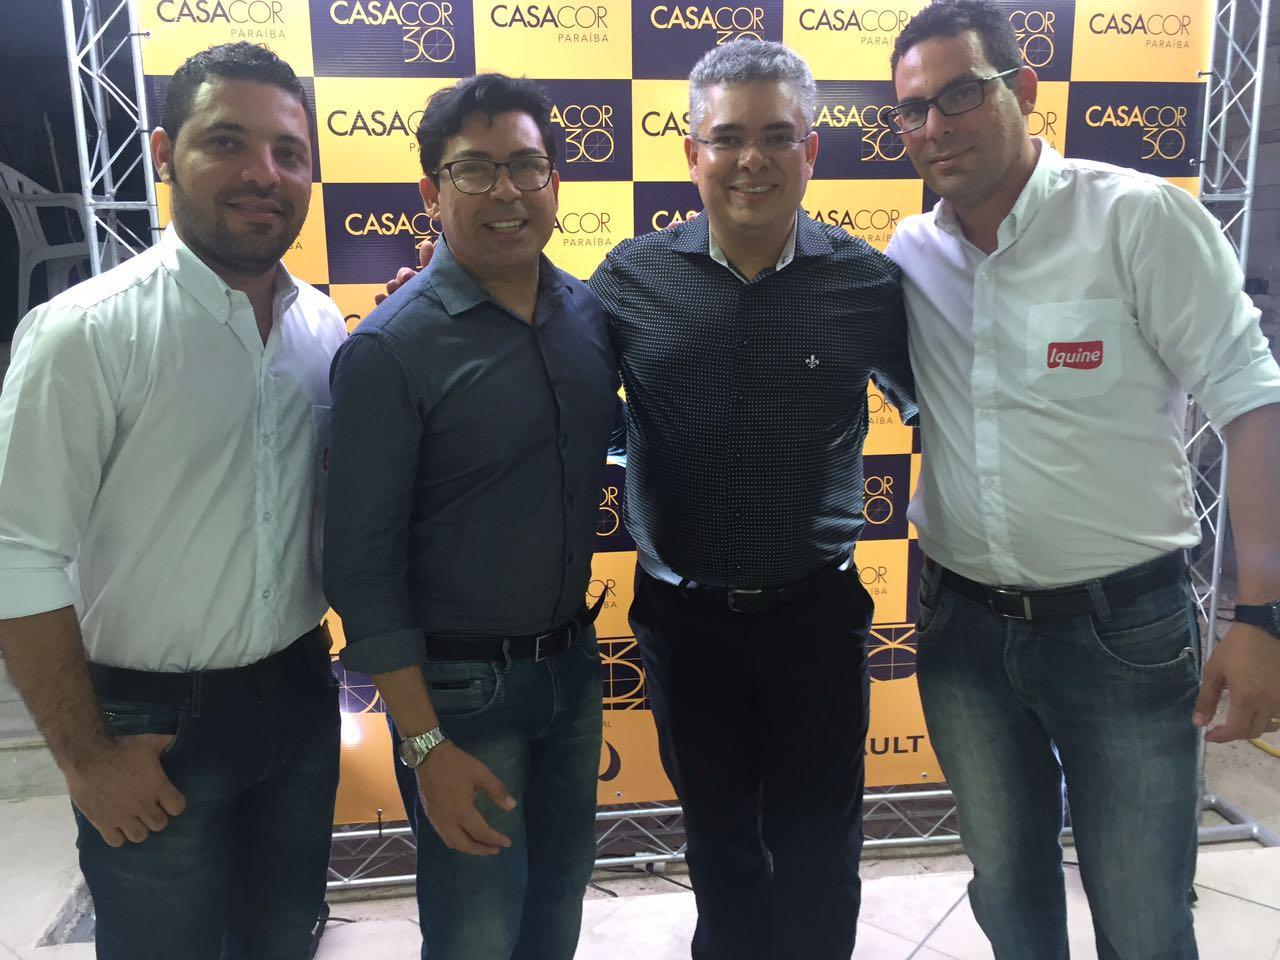 Ricardo Castro e equipe da Iquine